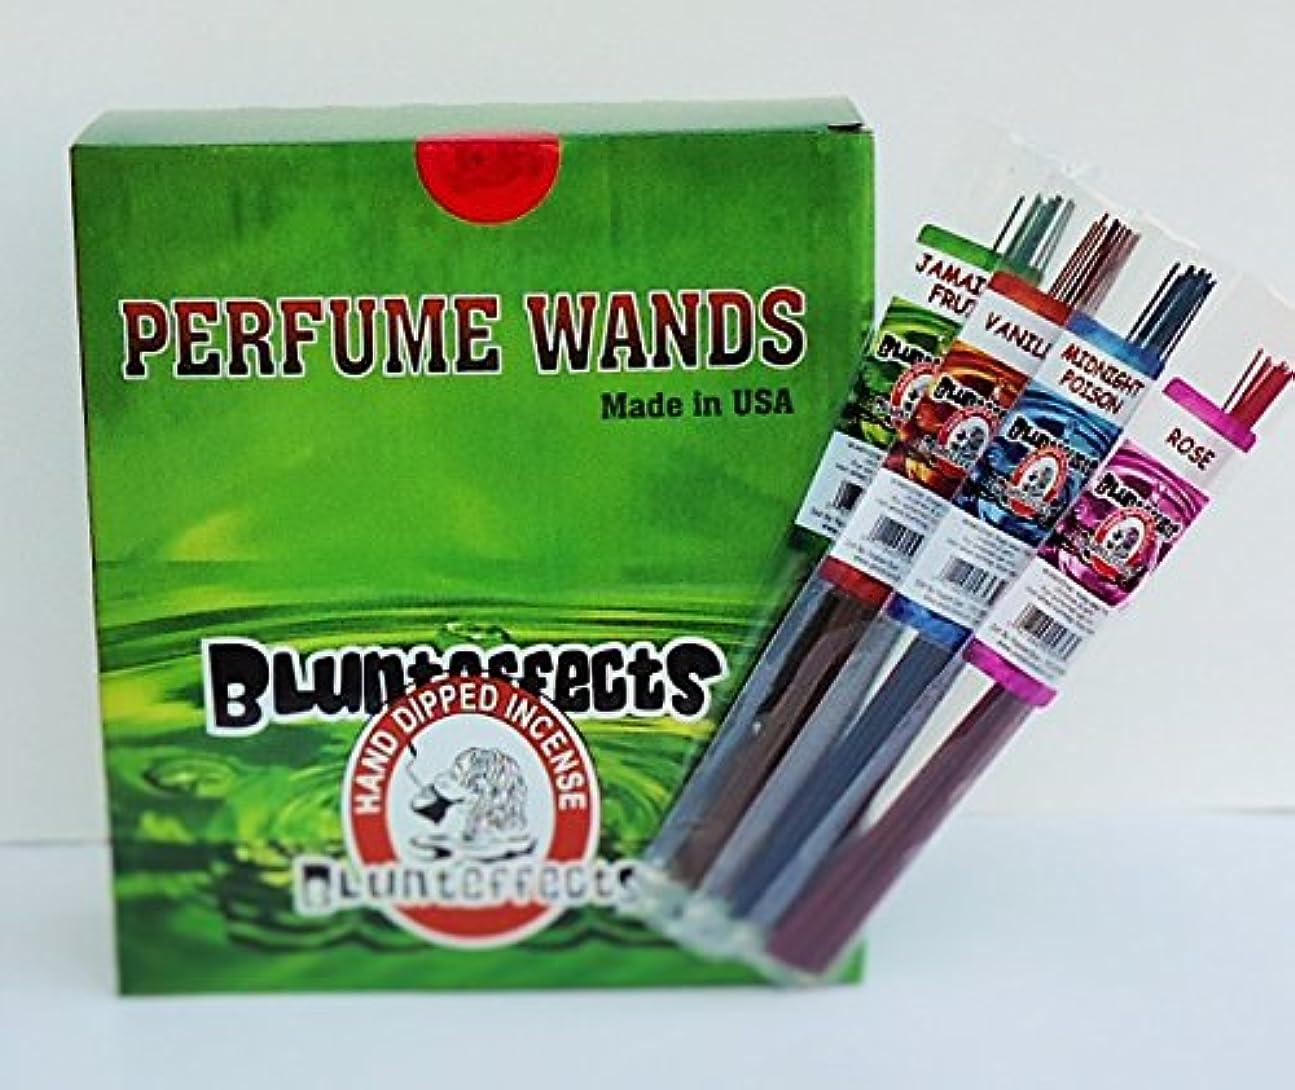 マディソン変装れんがBlunteffects hand-dipped Incense表示72 Count